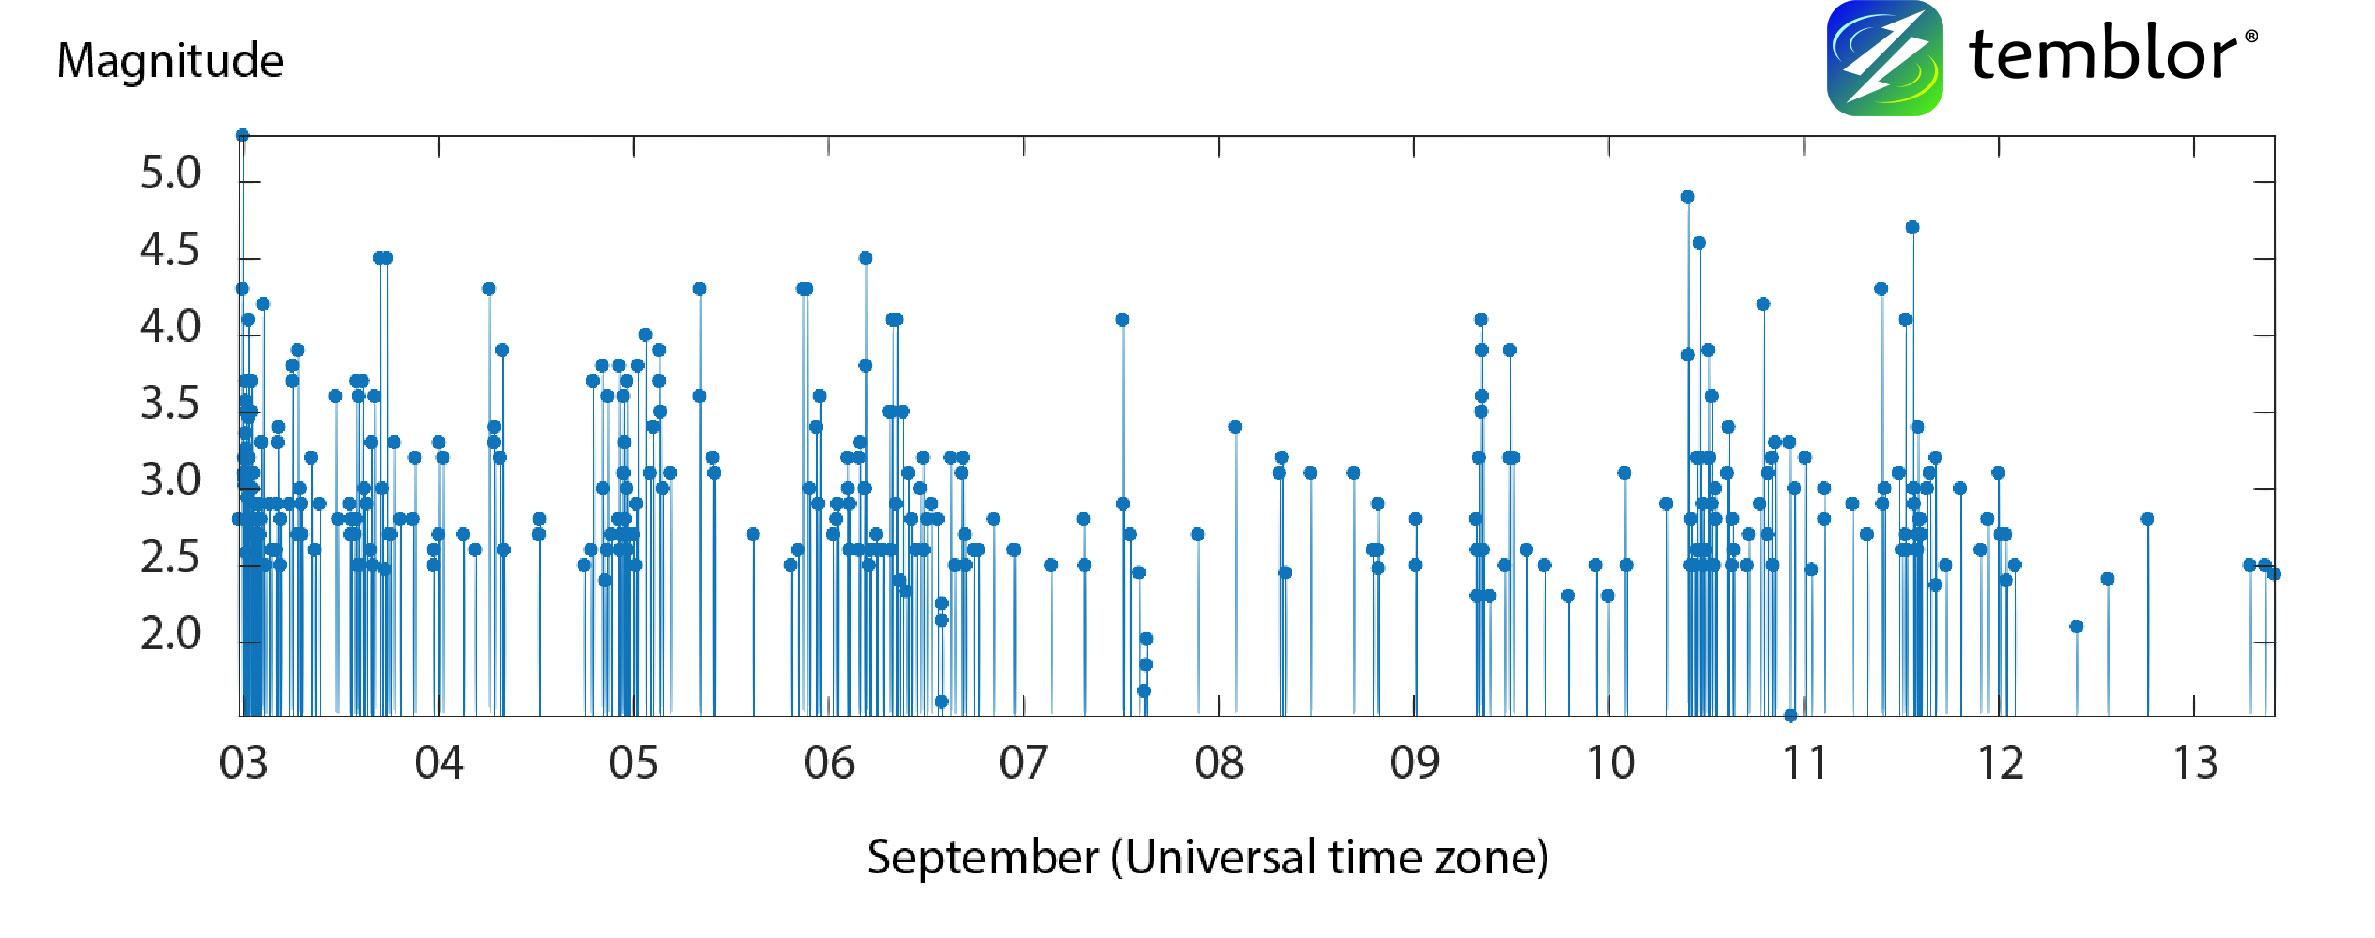 idaho-earthquake-time-series